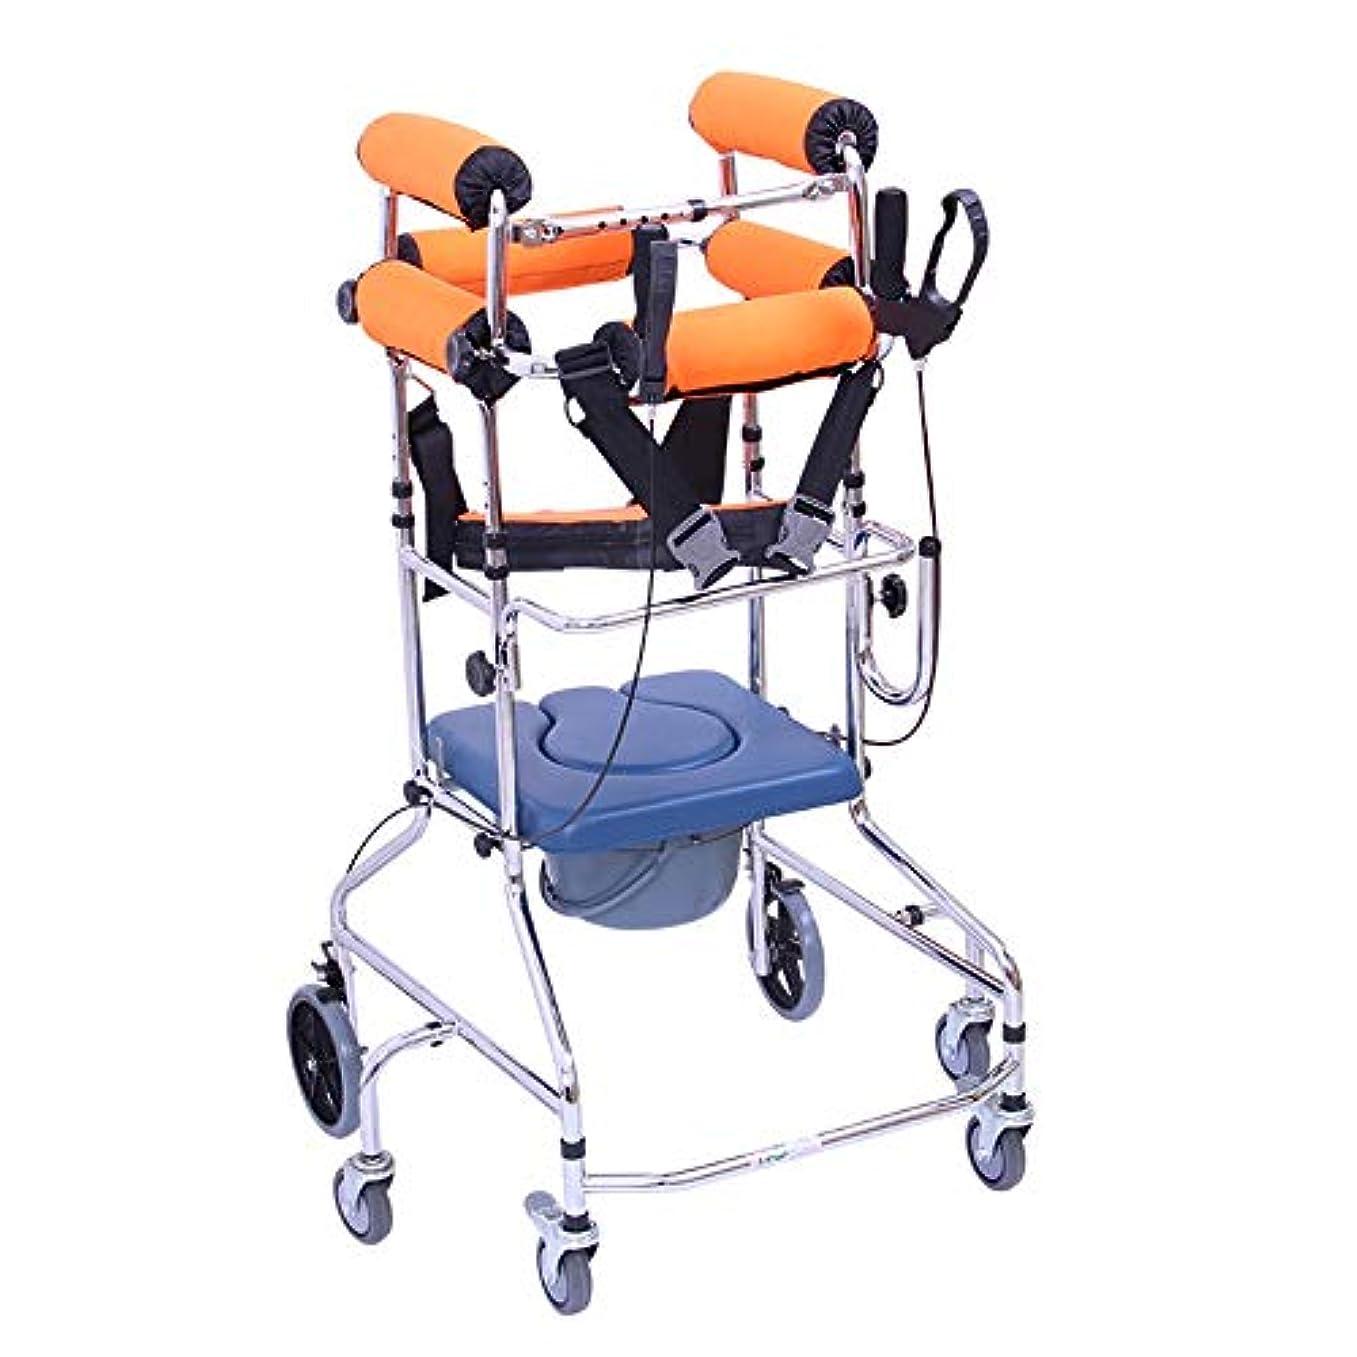 アーサーコナンドイル人事必須補助下肢歩行用フレーム付き便座、成人用歩行フレーム歩行器高齢者歩行器トレーニング機器